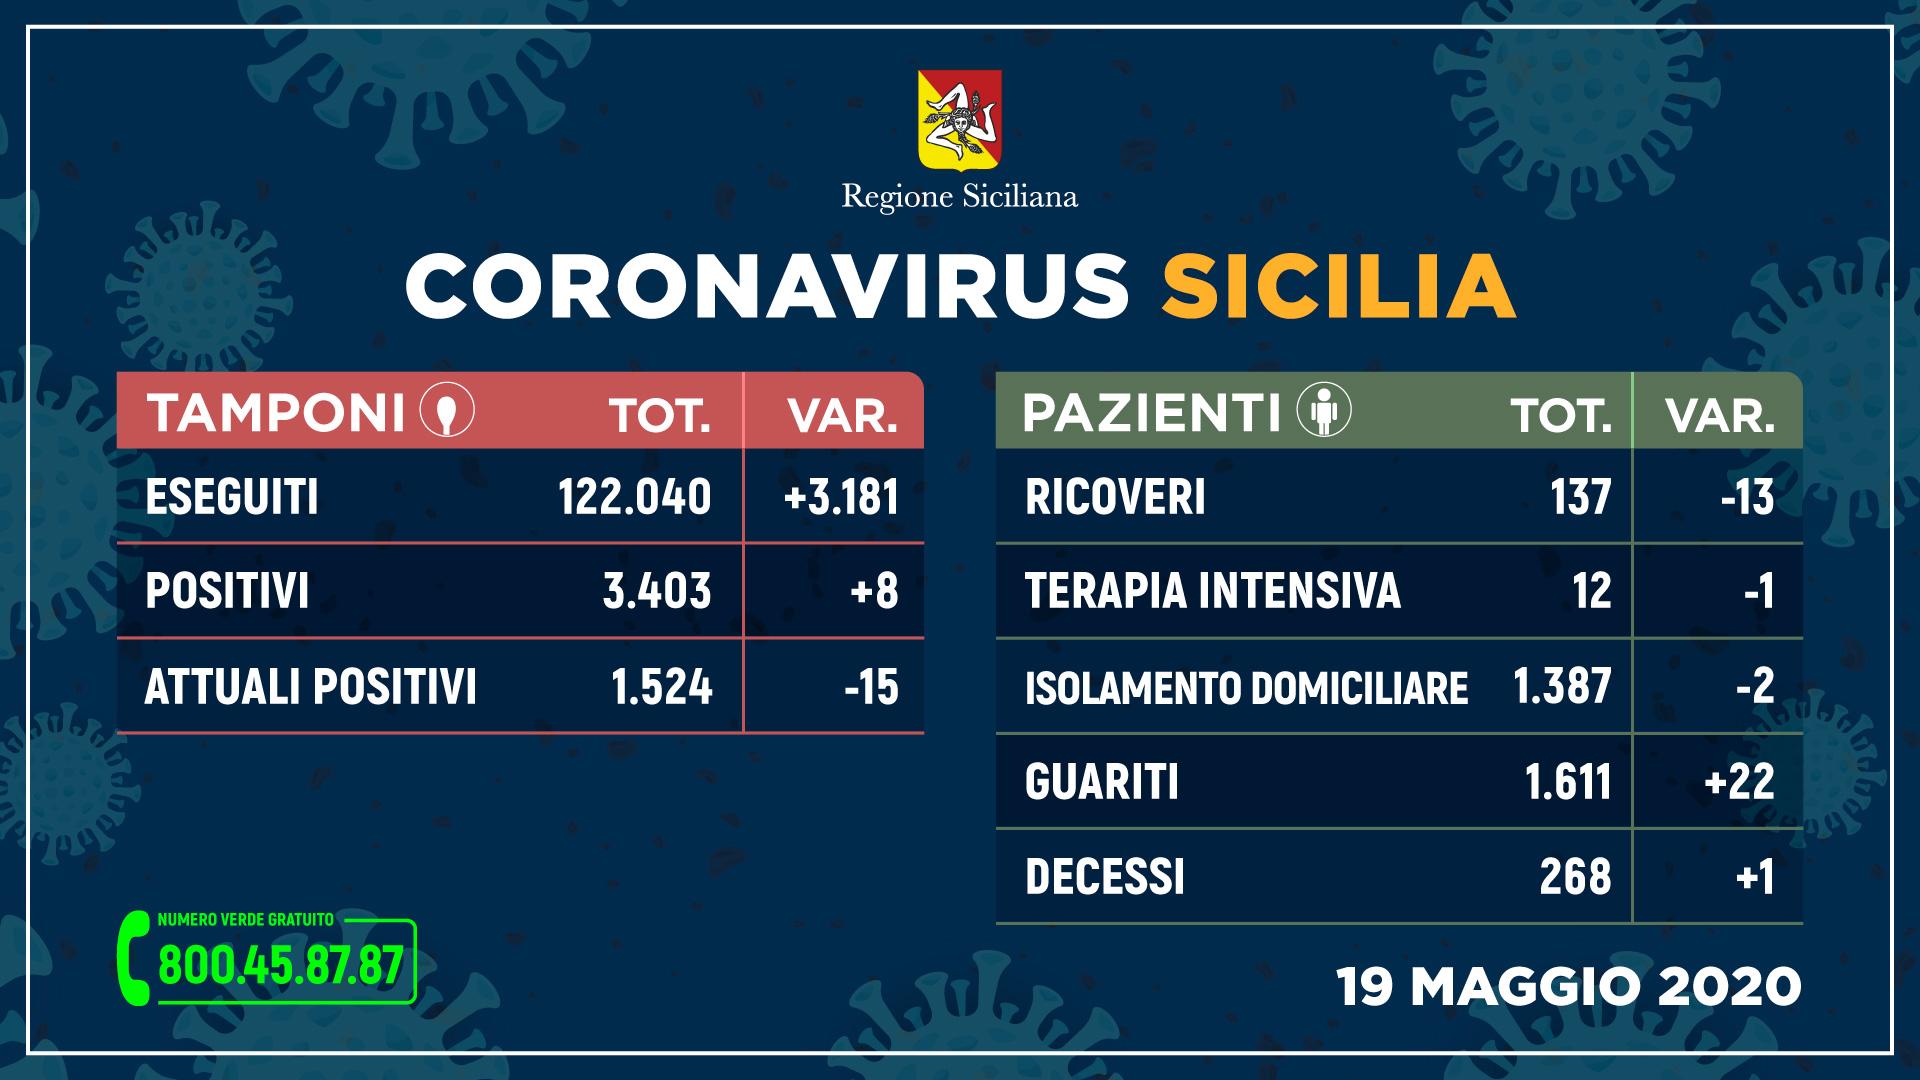 Sicilia: tanti tamponi, pochi contagi